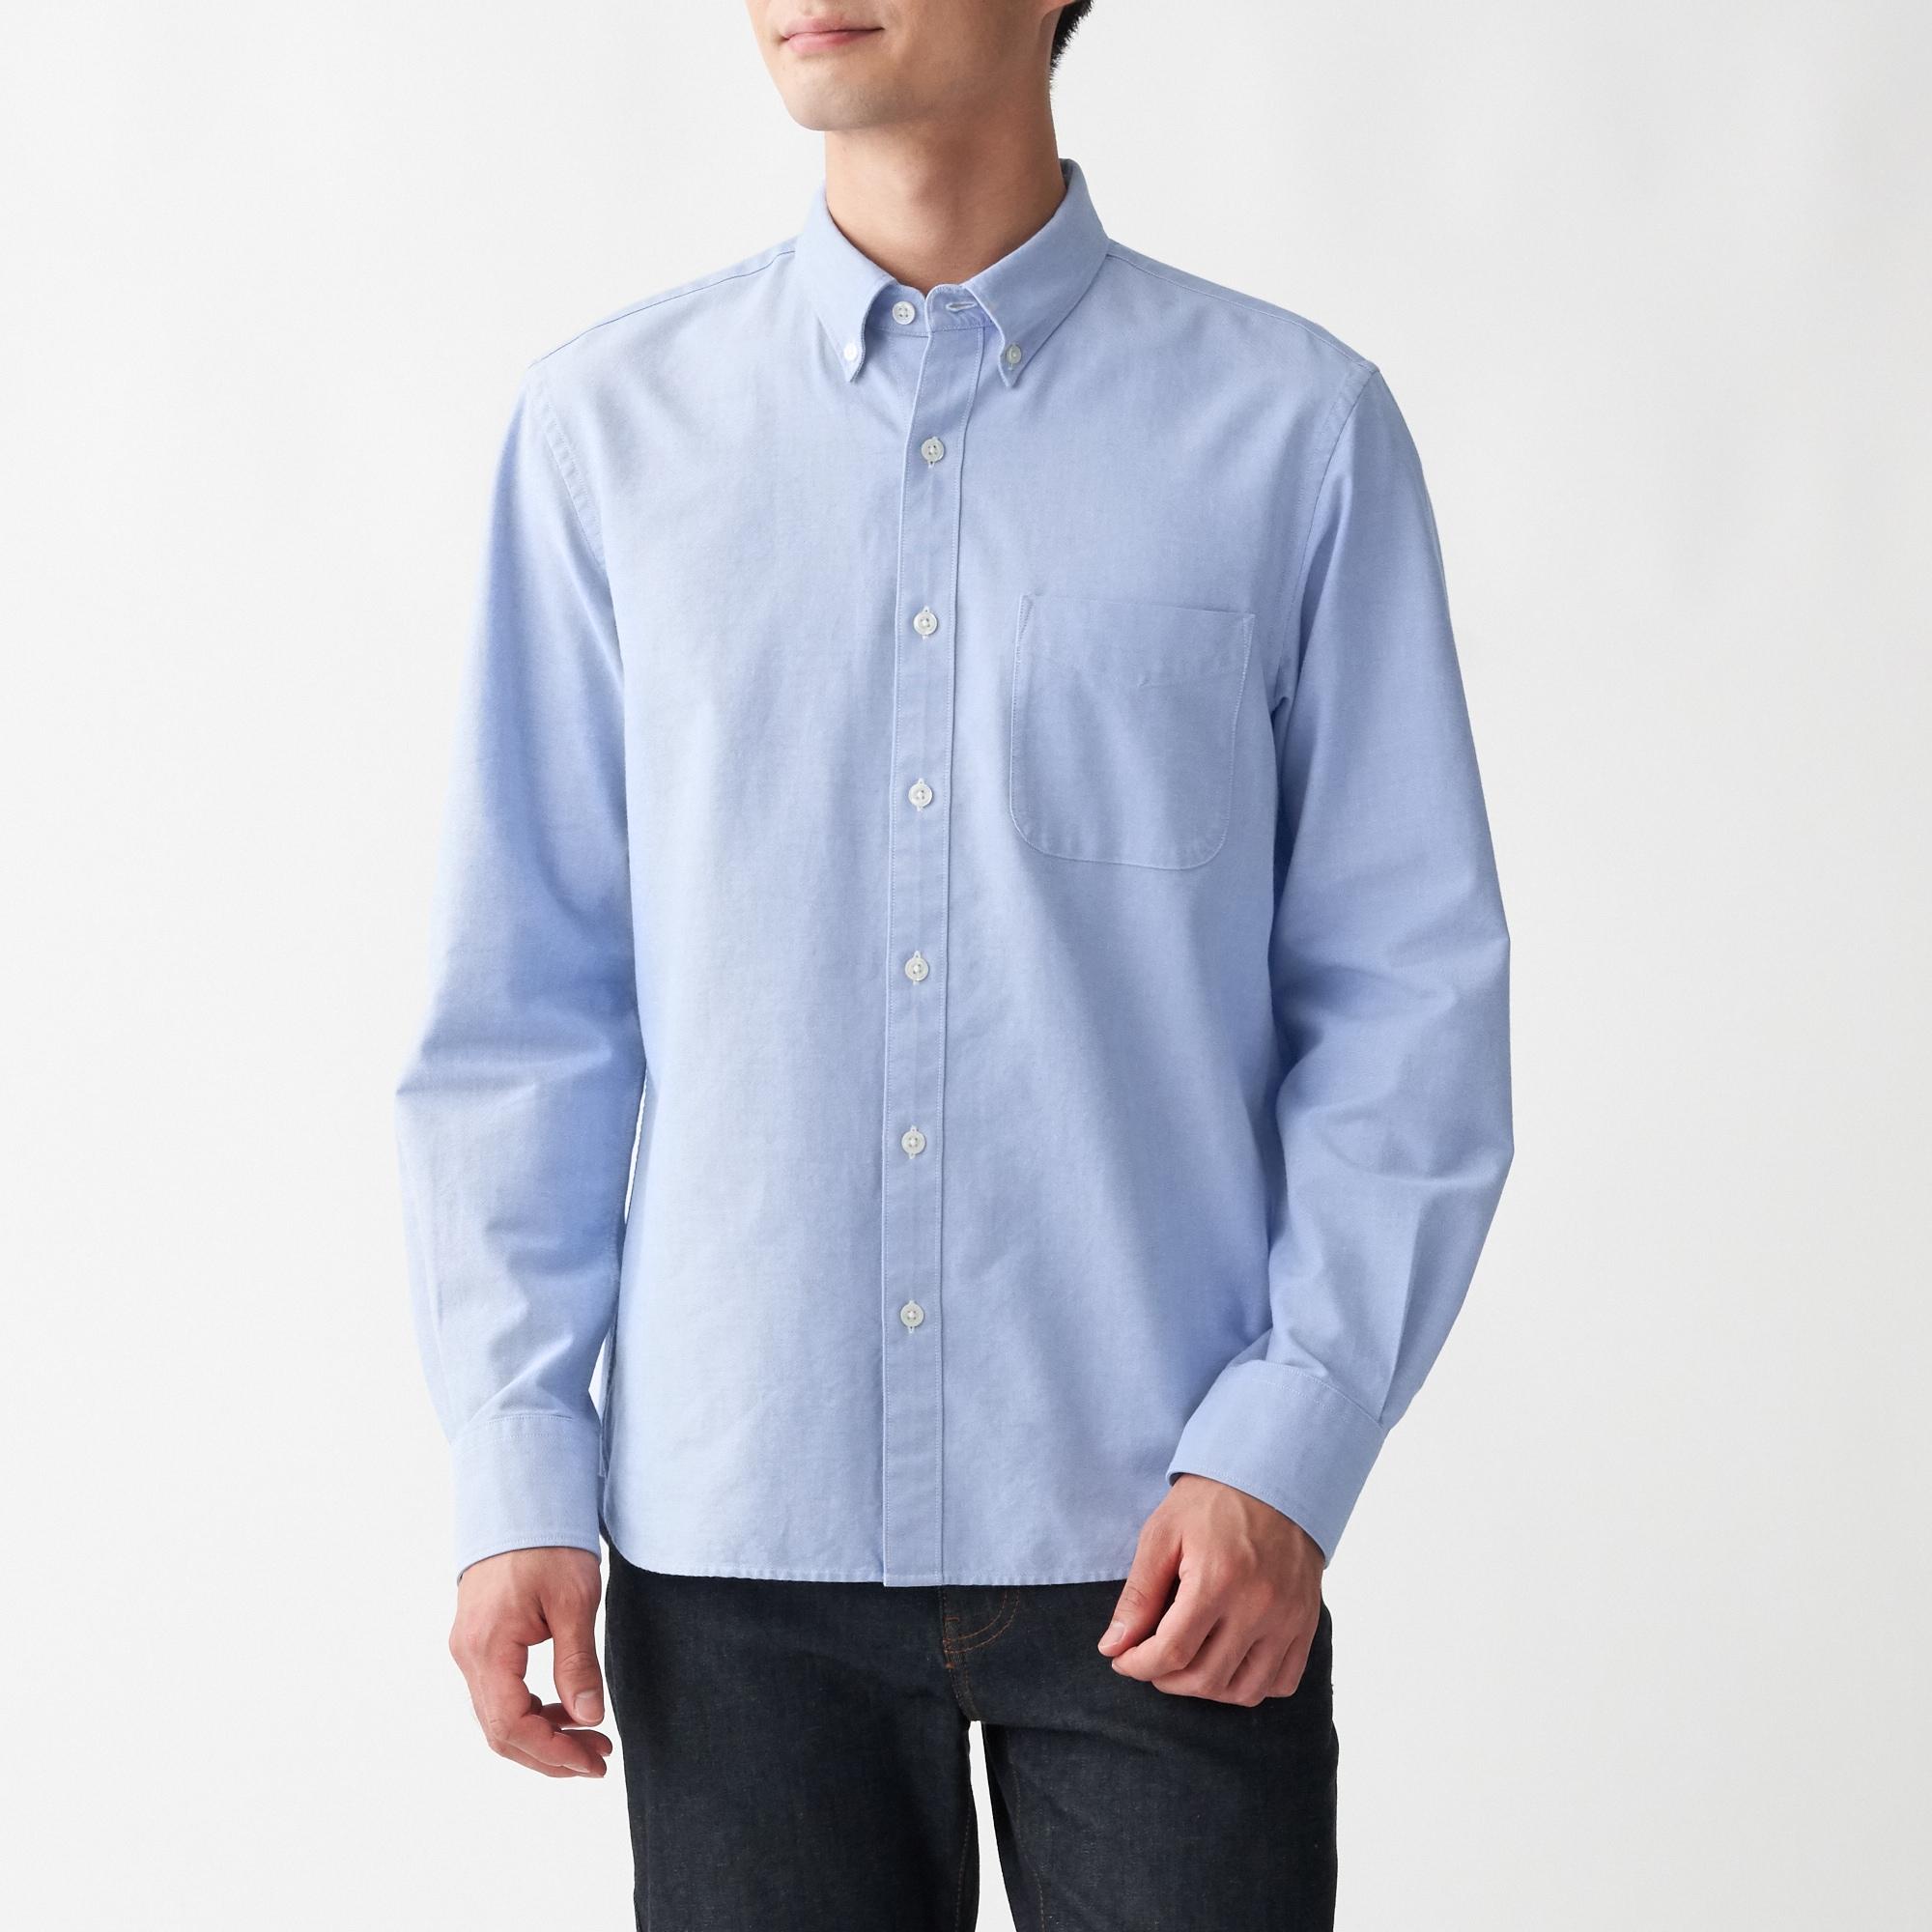 新疆綿洗いざらしオックスボタンダウンシャツ 紳士XS・サックスブルー